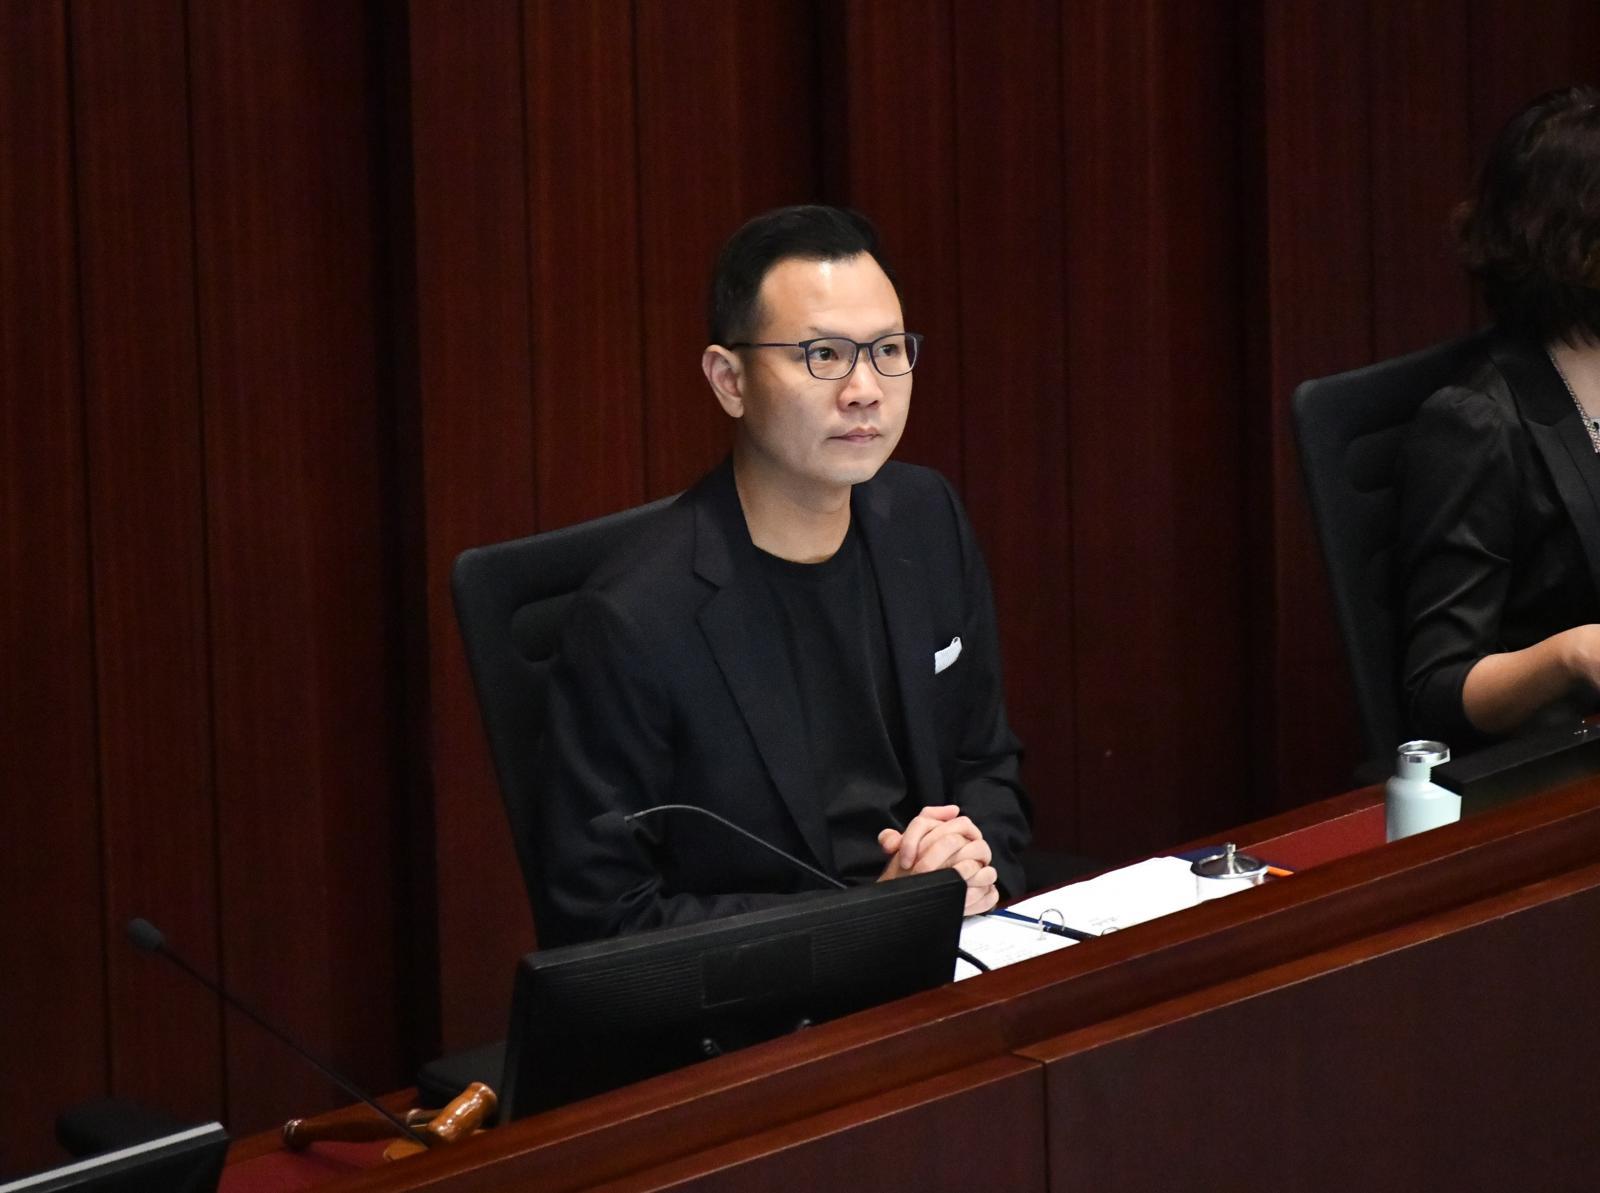 法律界立法會議員郭榮鏗對暫緩執行裁決感到失望。